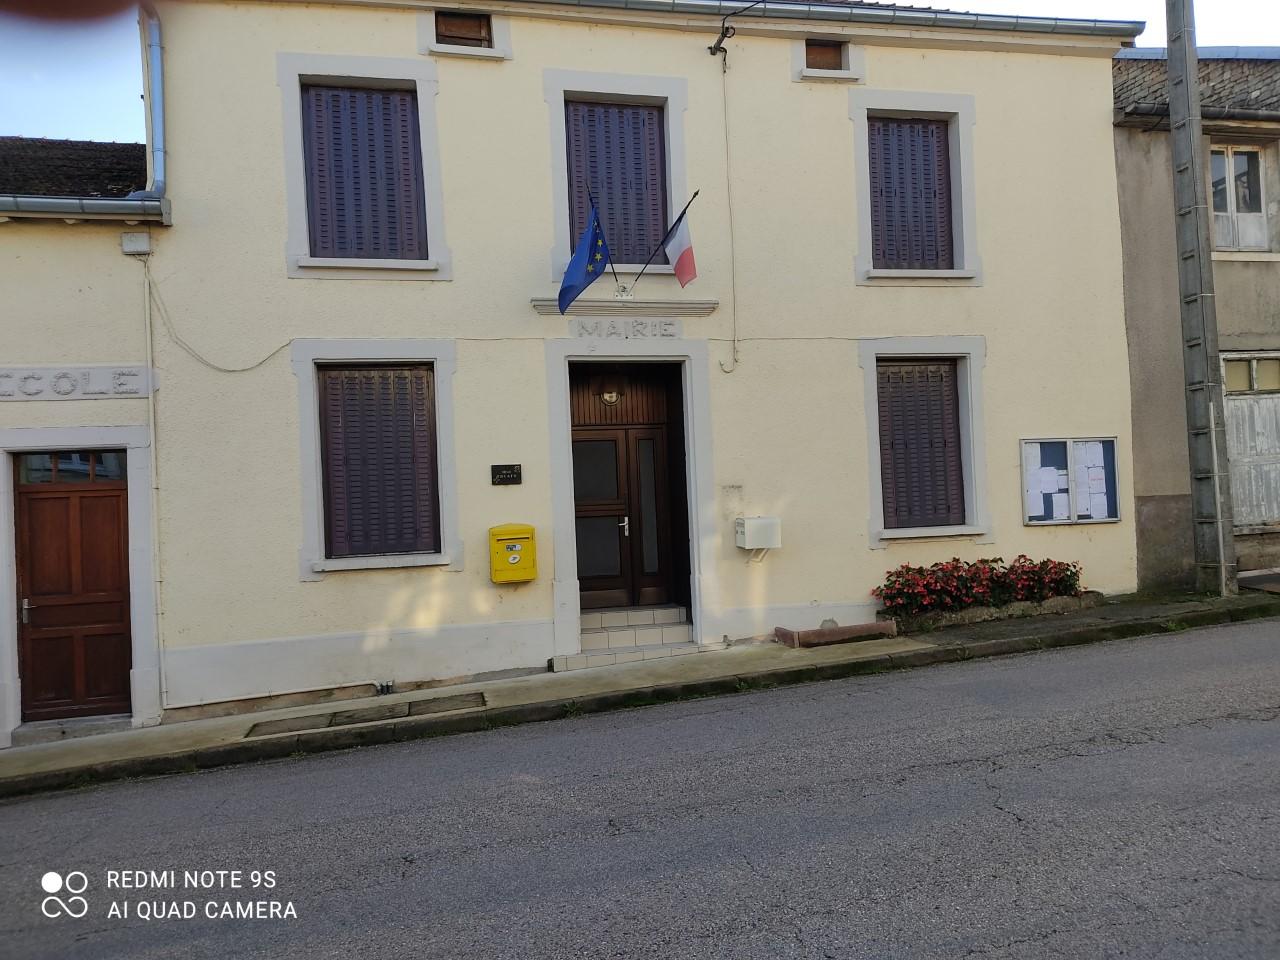 Mairie CHATILLON-SUR-SAONE